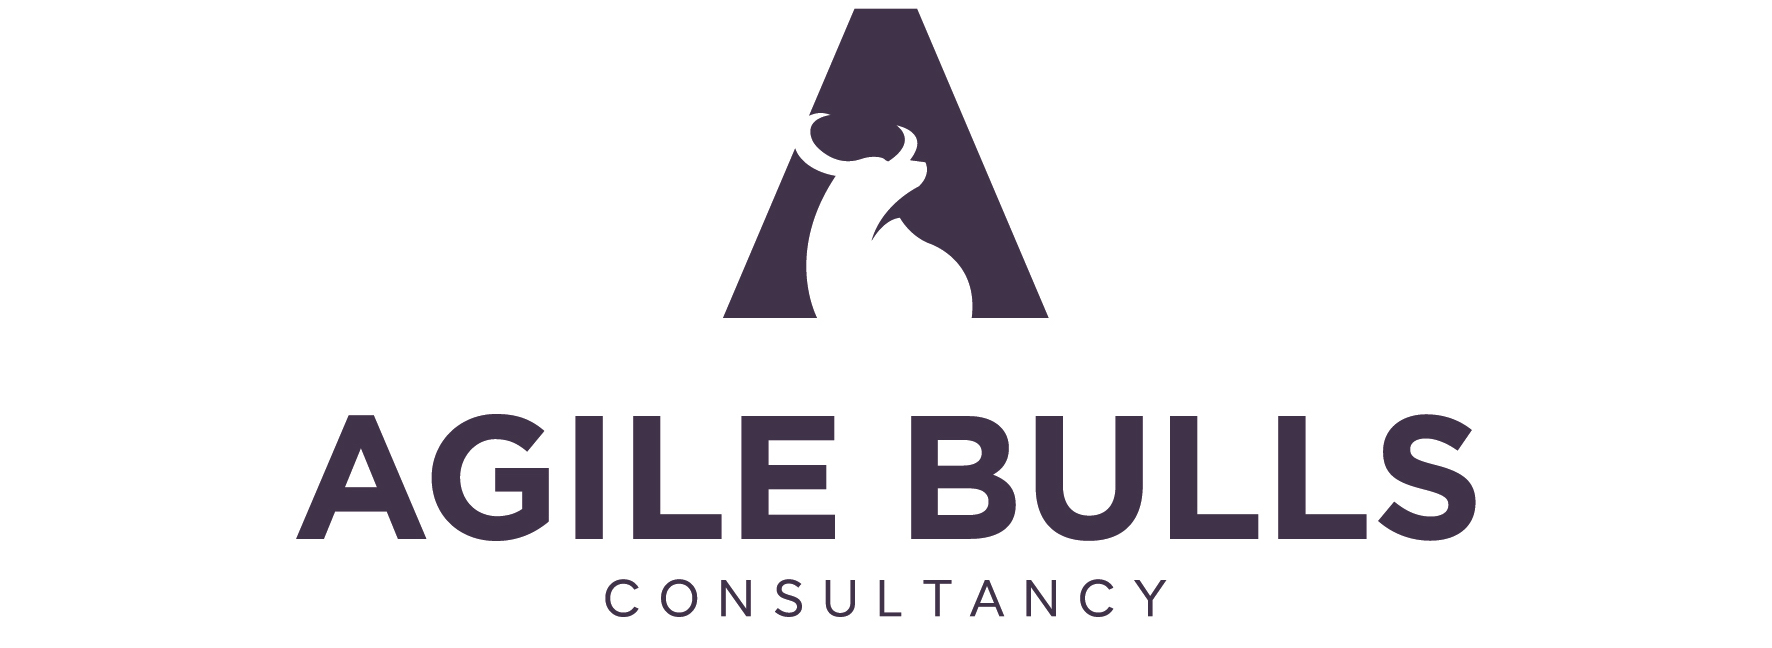 Agile Bulls – Consultancy